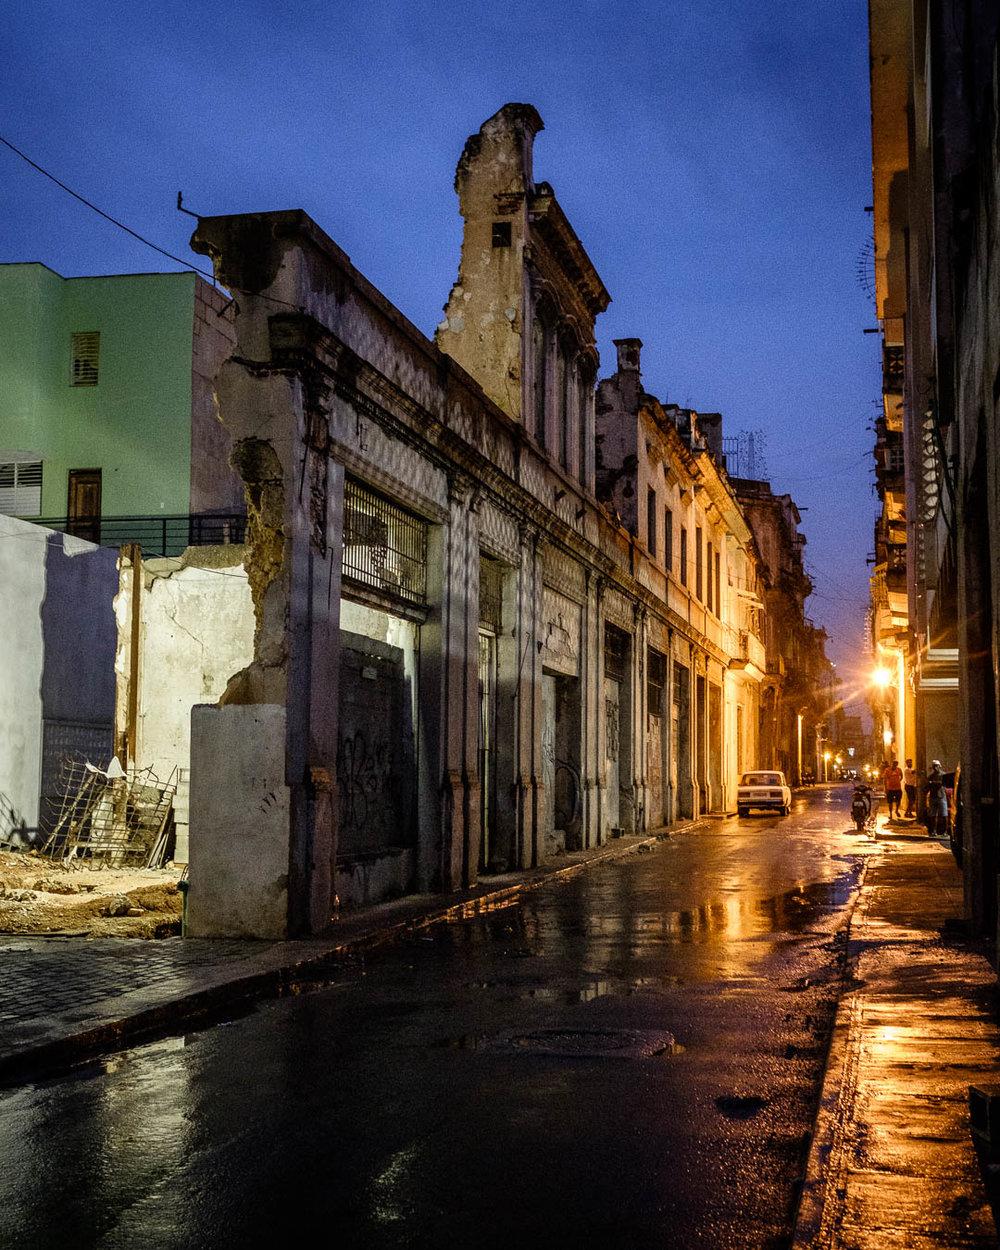 180426-Havana-249-1080-2.jpg